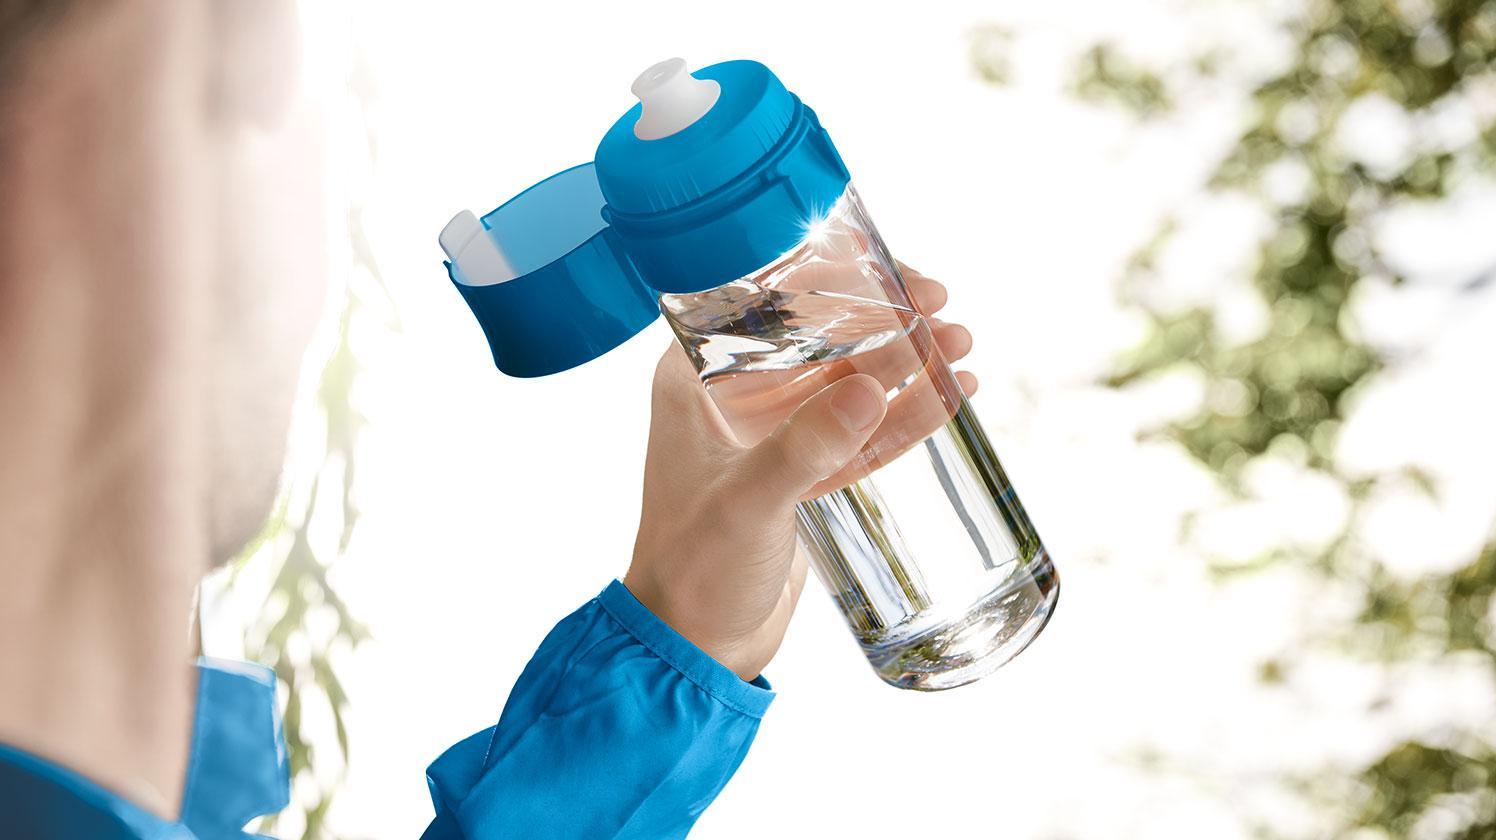 BRITA fill&go Vital 隨身濾水瓶 blue— 男士在公園使用運動水瓶